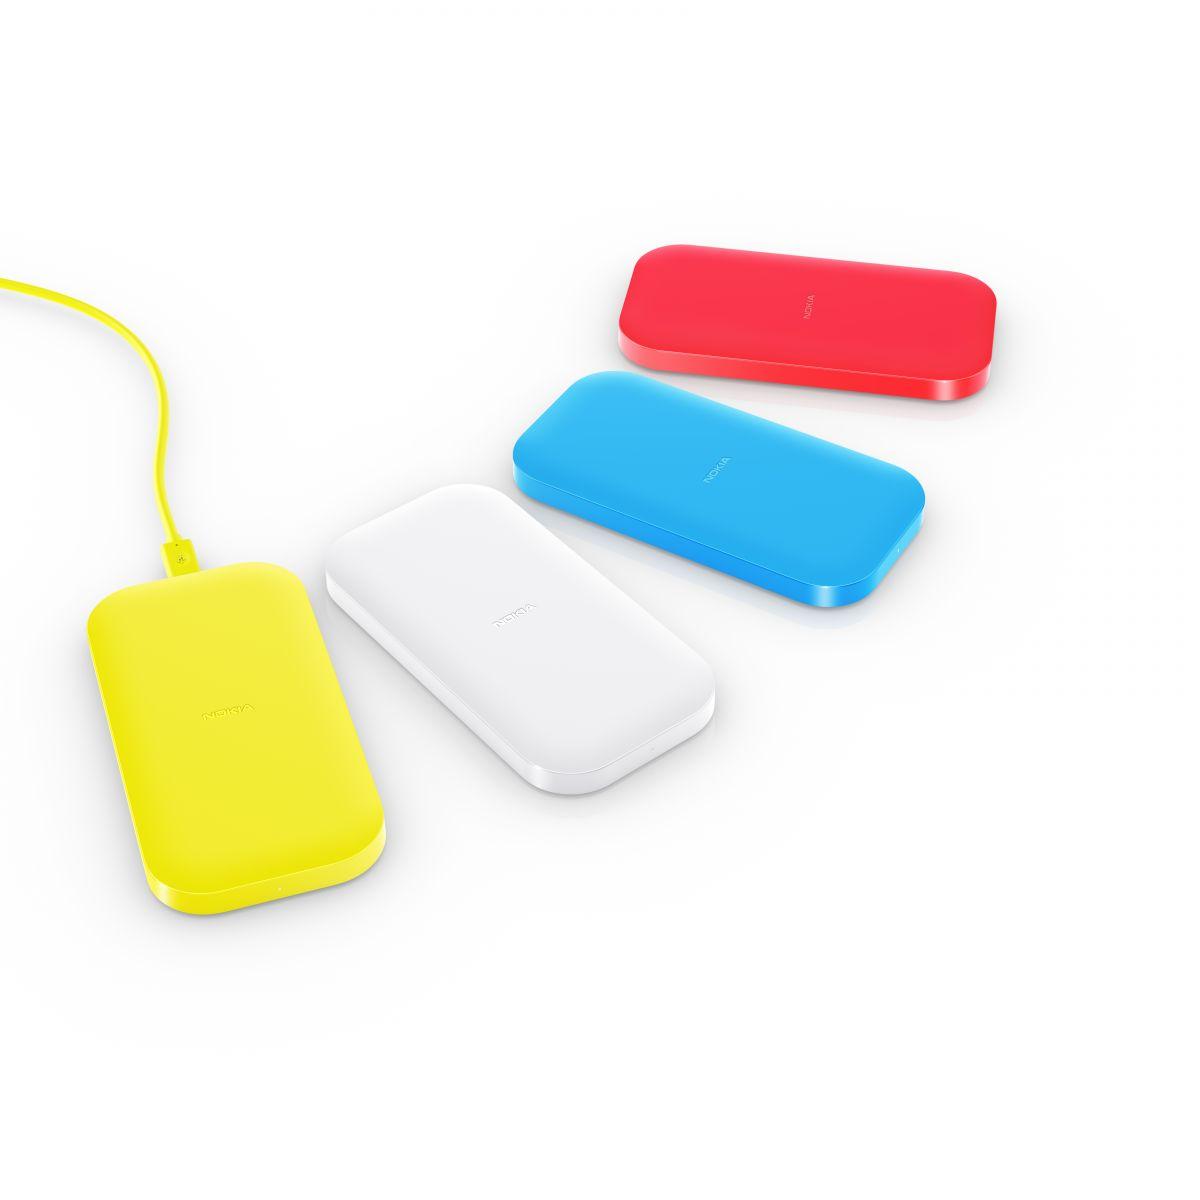 1200-nokia_lumia_1520_nokia_dc_50_wireless-charging-group-shot